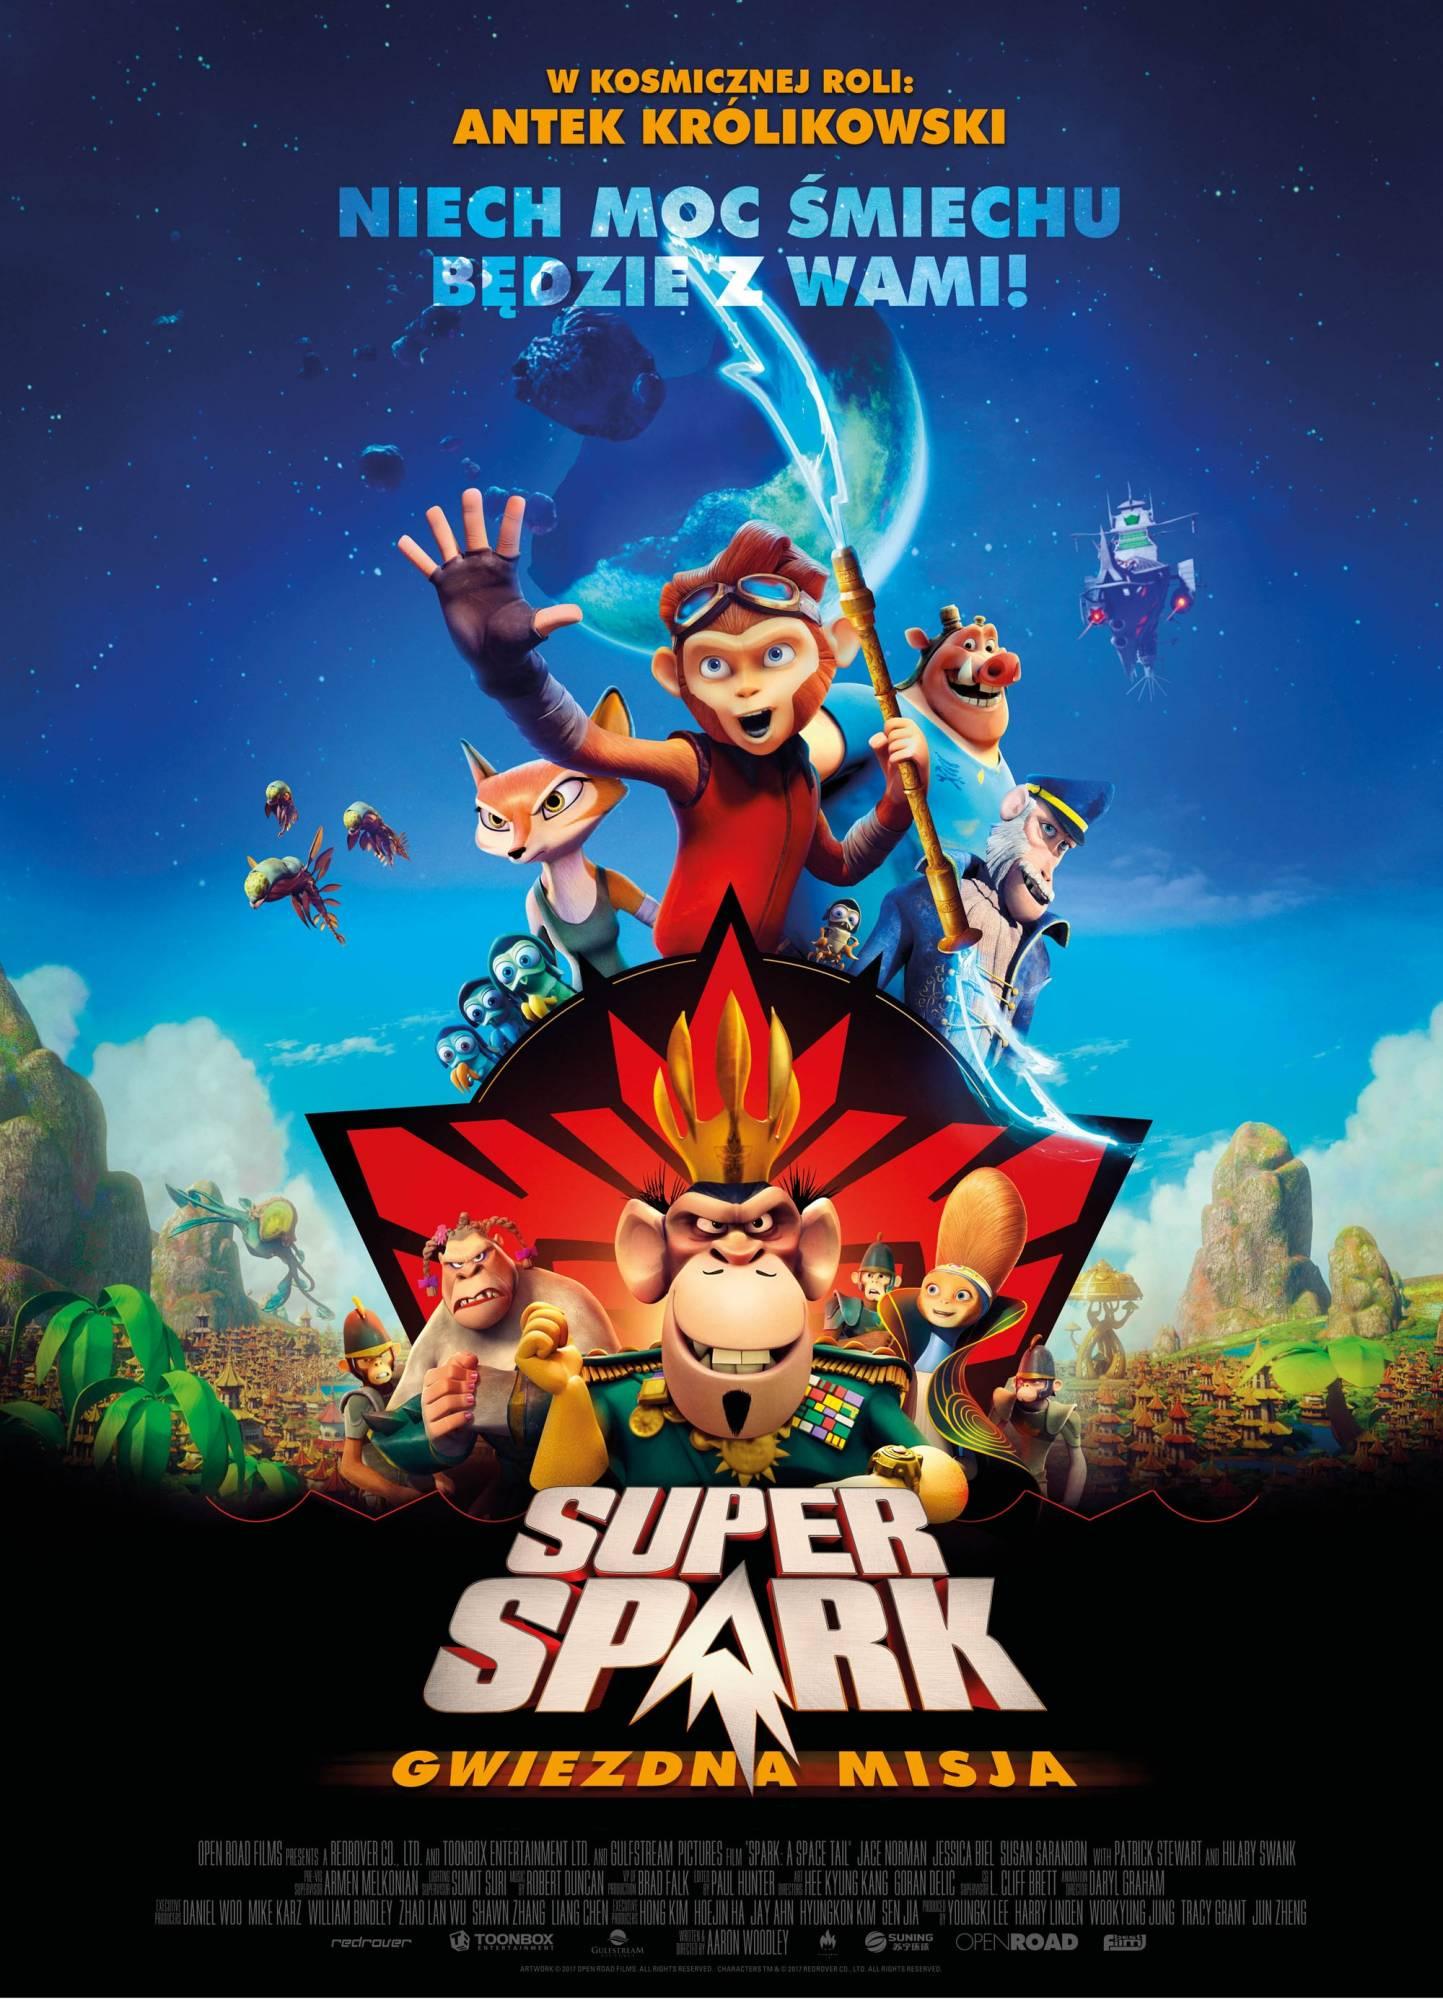 super-spark-gwiezdna-misja-plakat.jpg